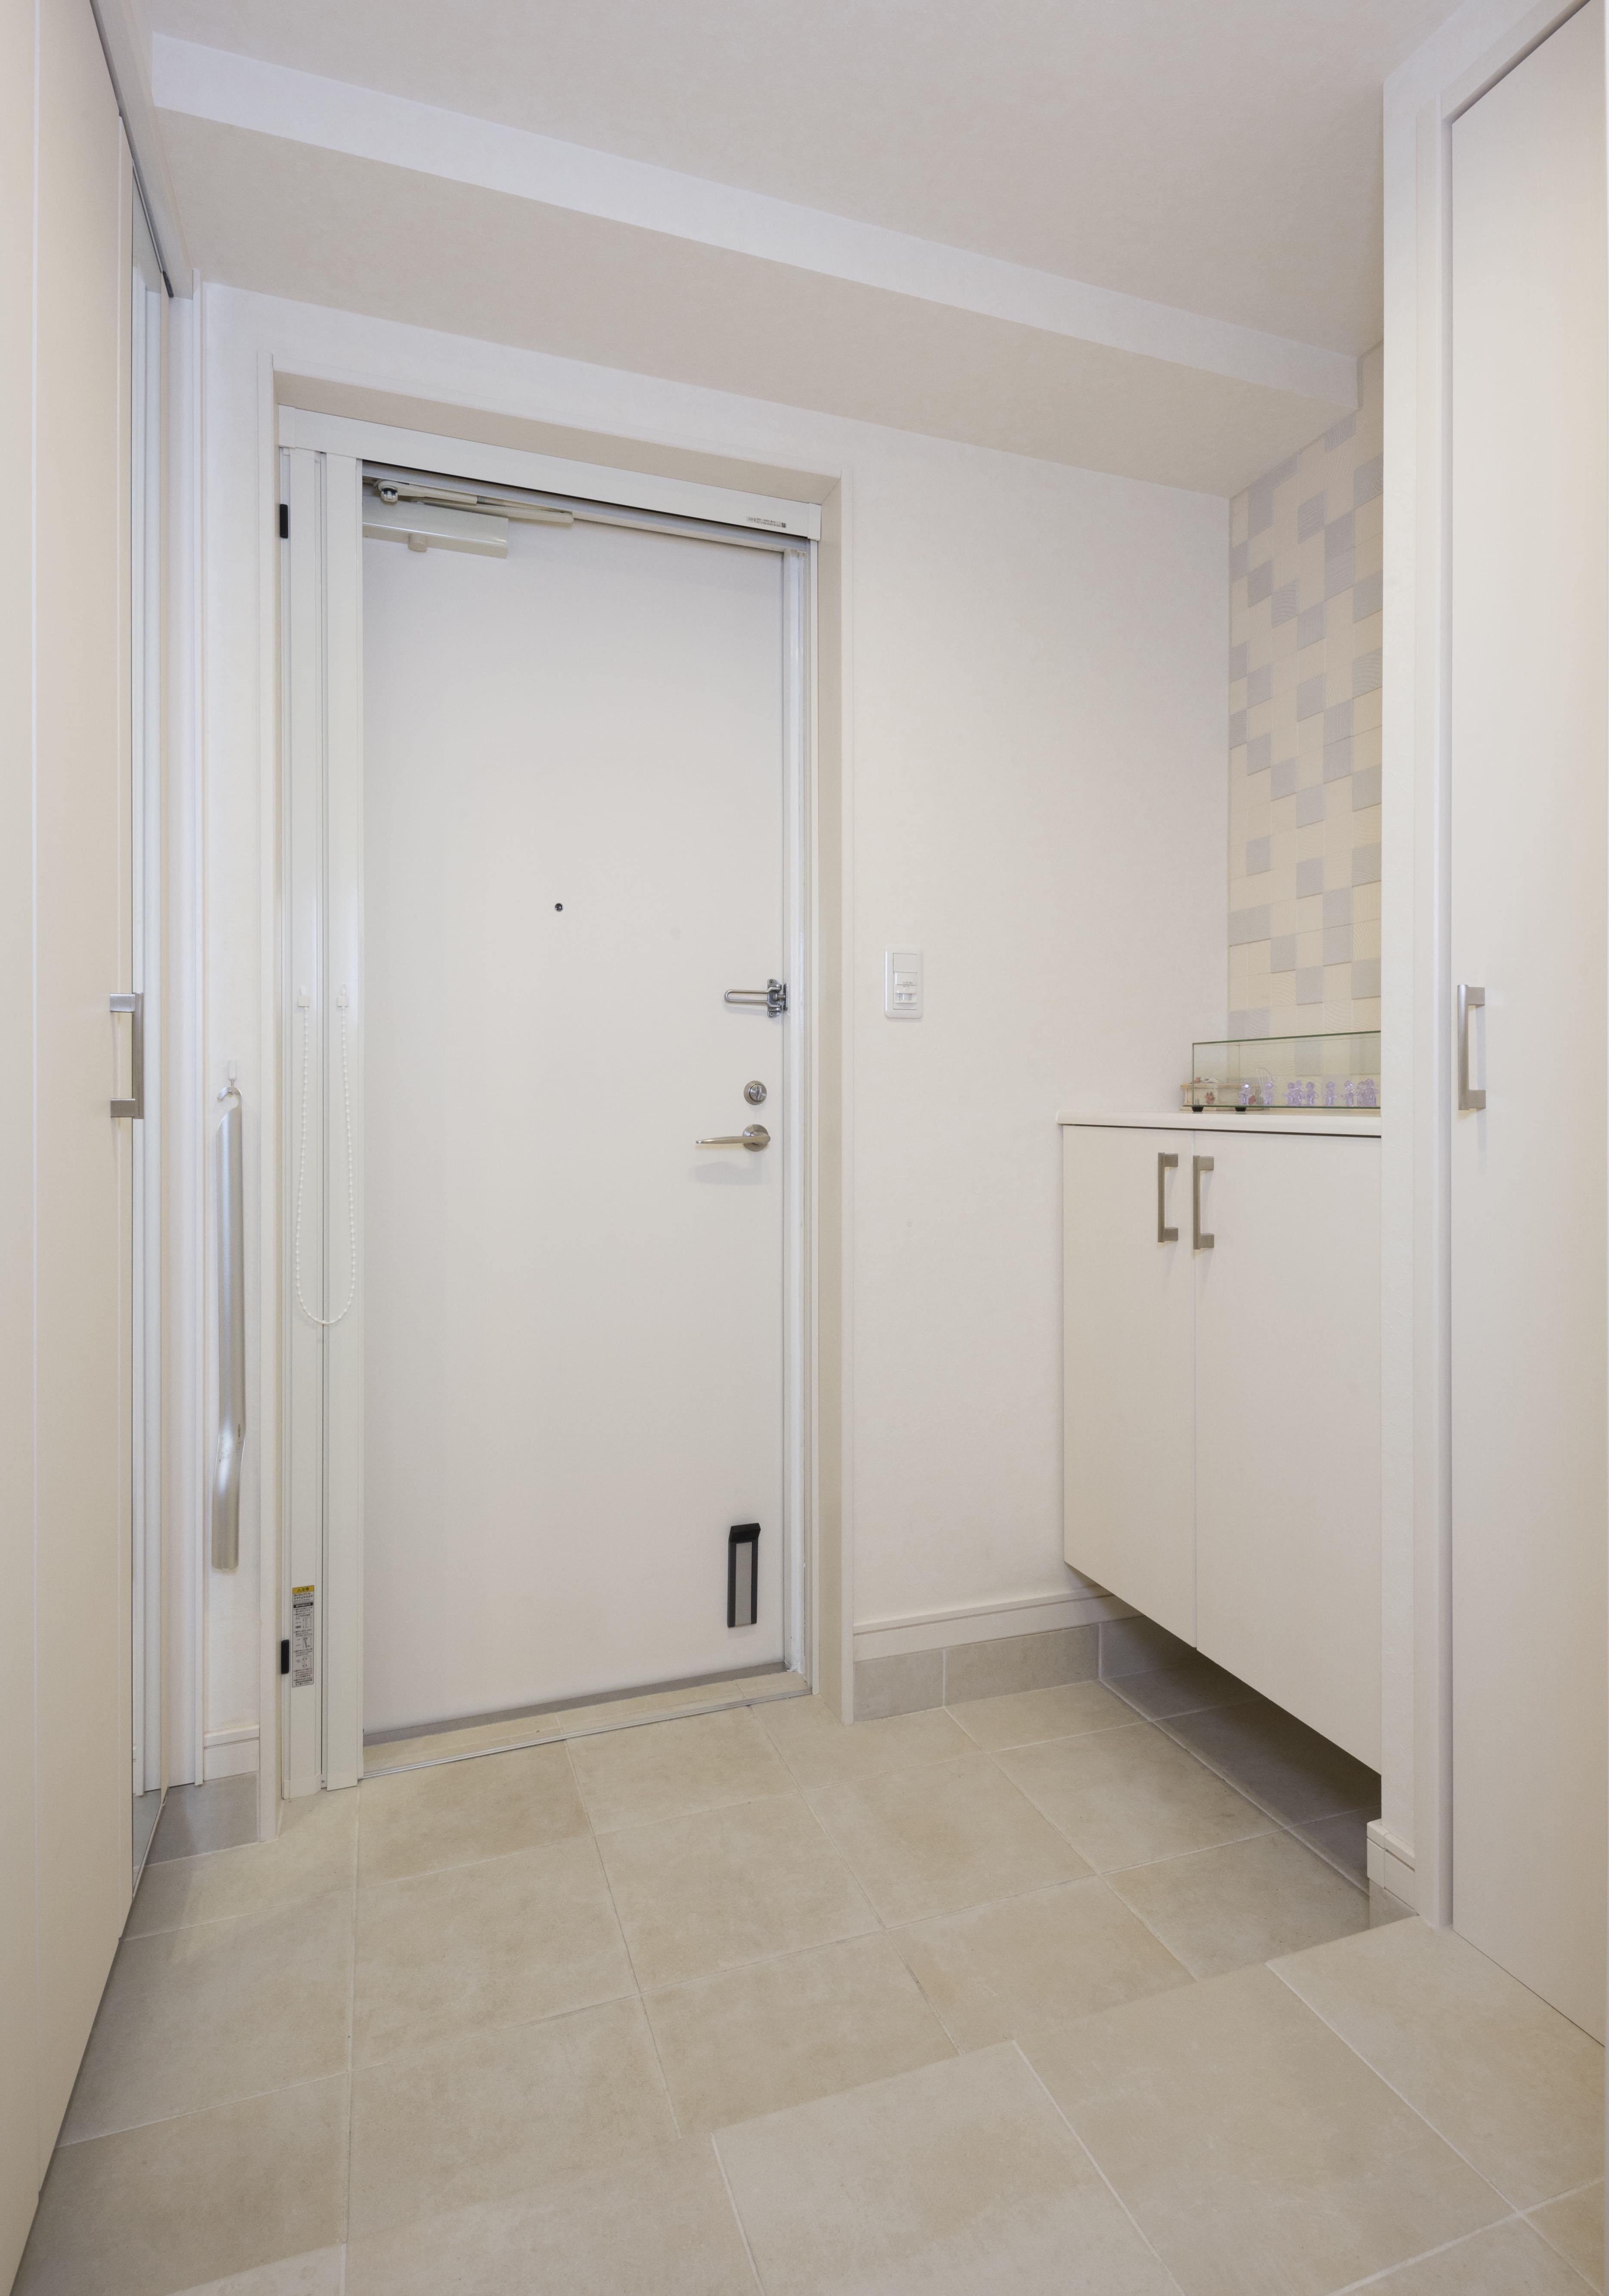 玄関事例:広く快適になった玄関スペース(20年来の結露とカビの悩み解決した住環境改善リノベーション)